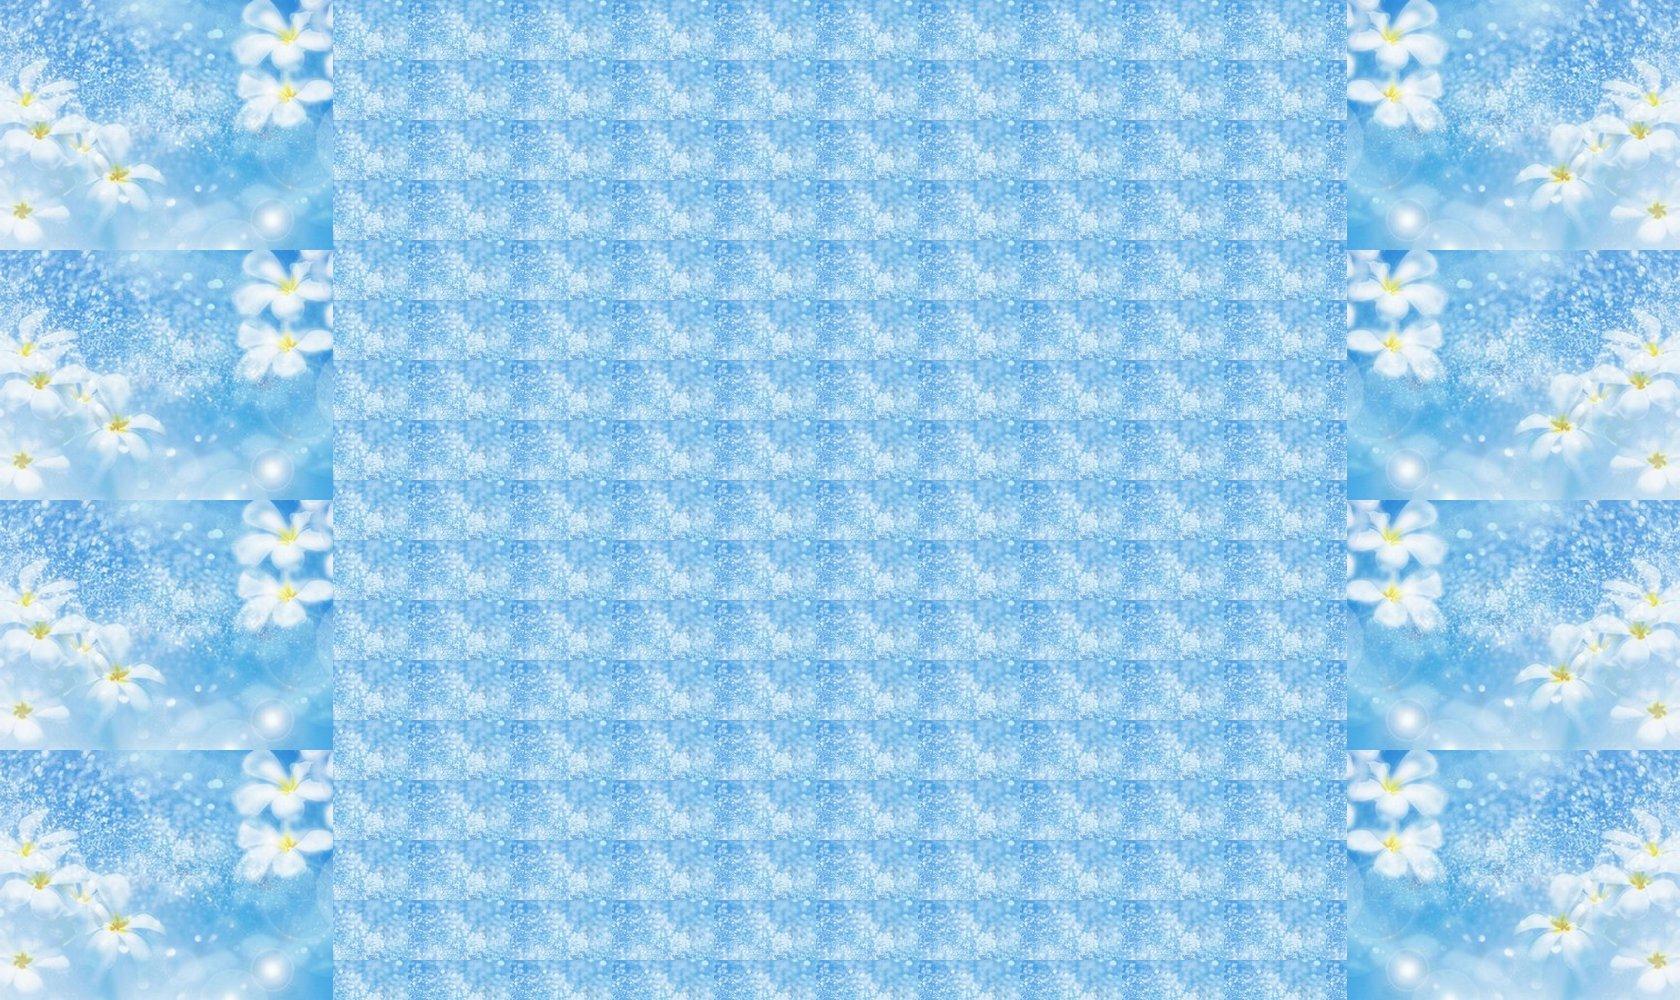 http://moniquebeauchamp.org/img4/fond-daniellelacour-lily-1680-1000.jpg